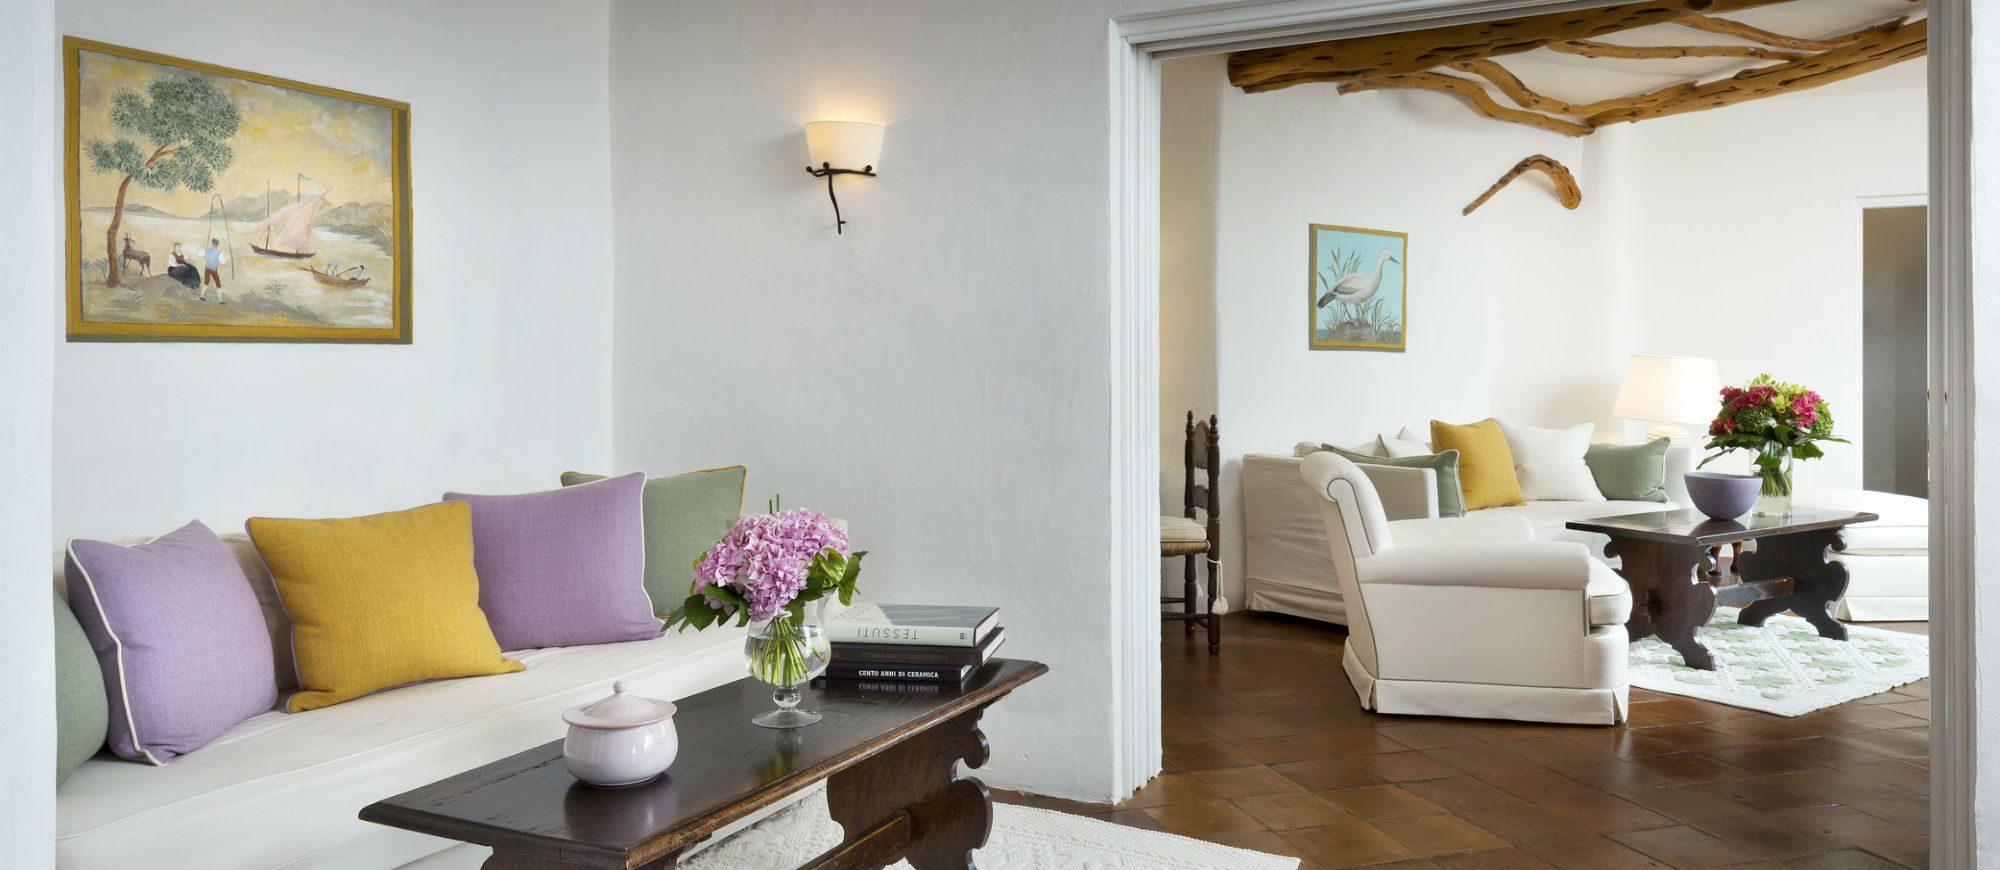 pent-main7-lux59gr-155342-penthouse-suite-living-room